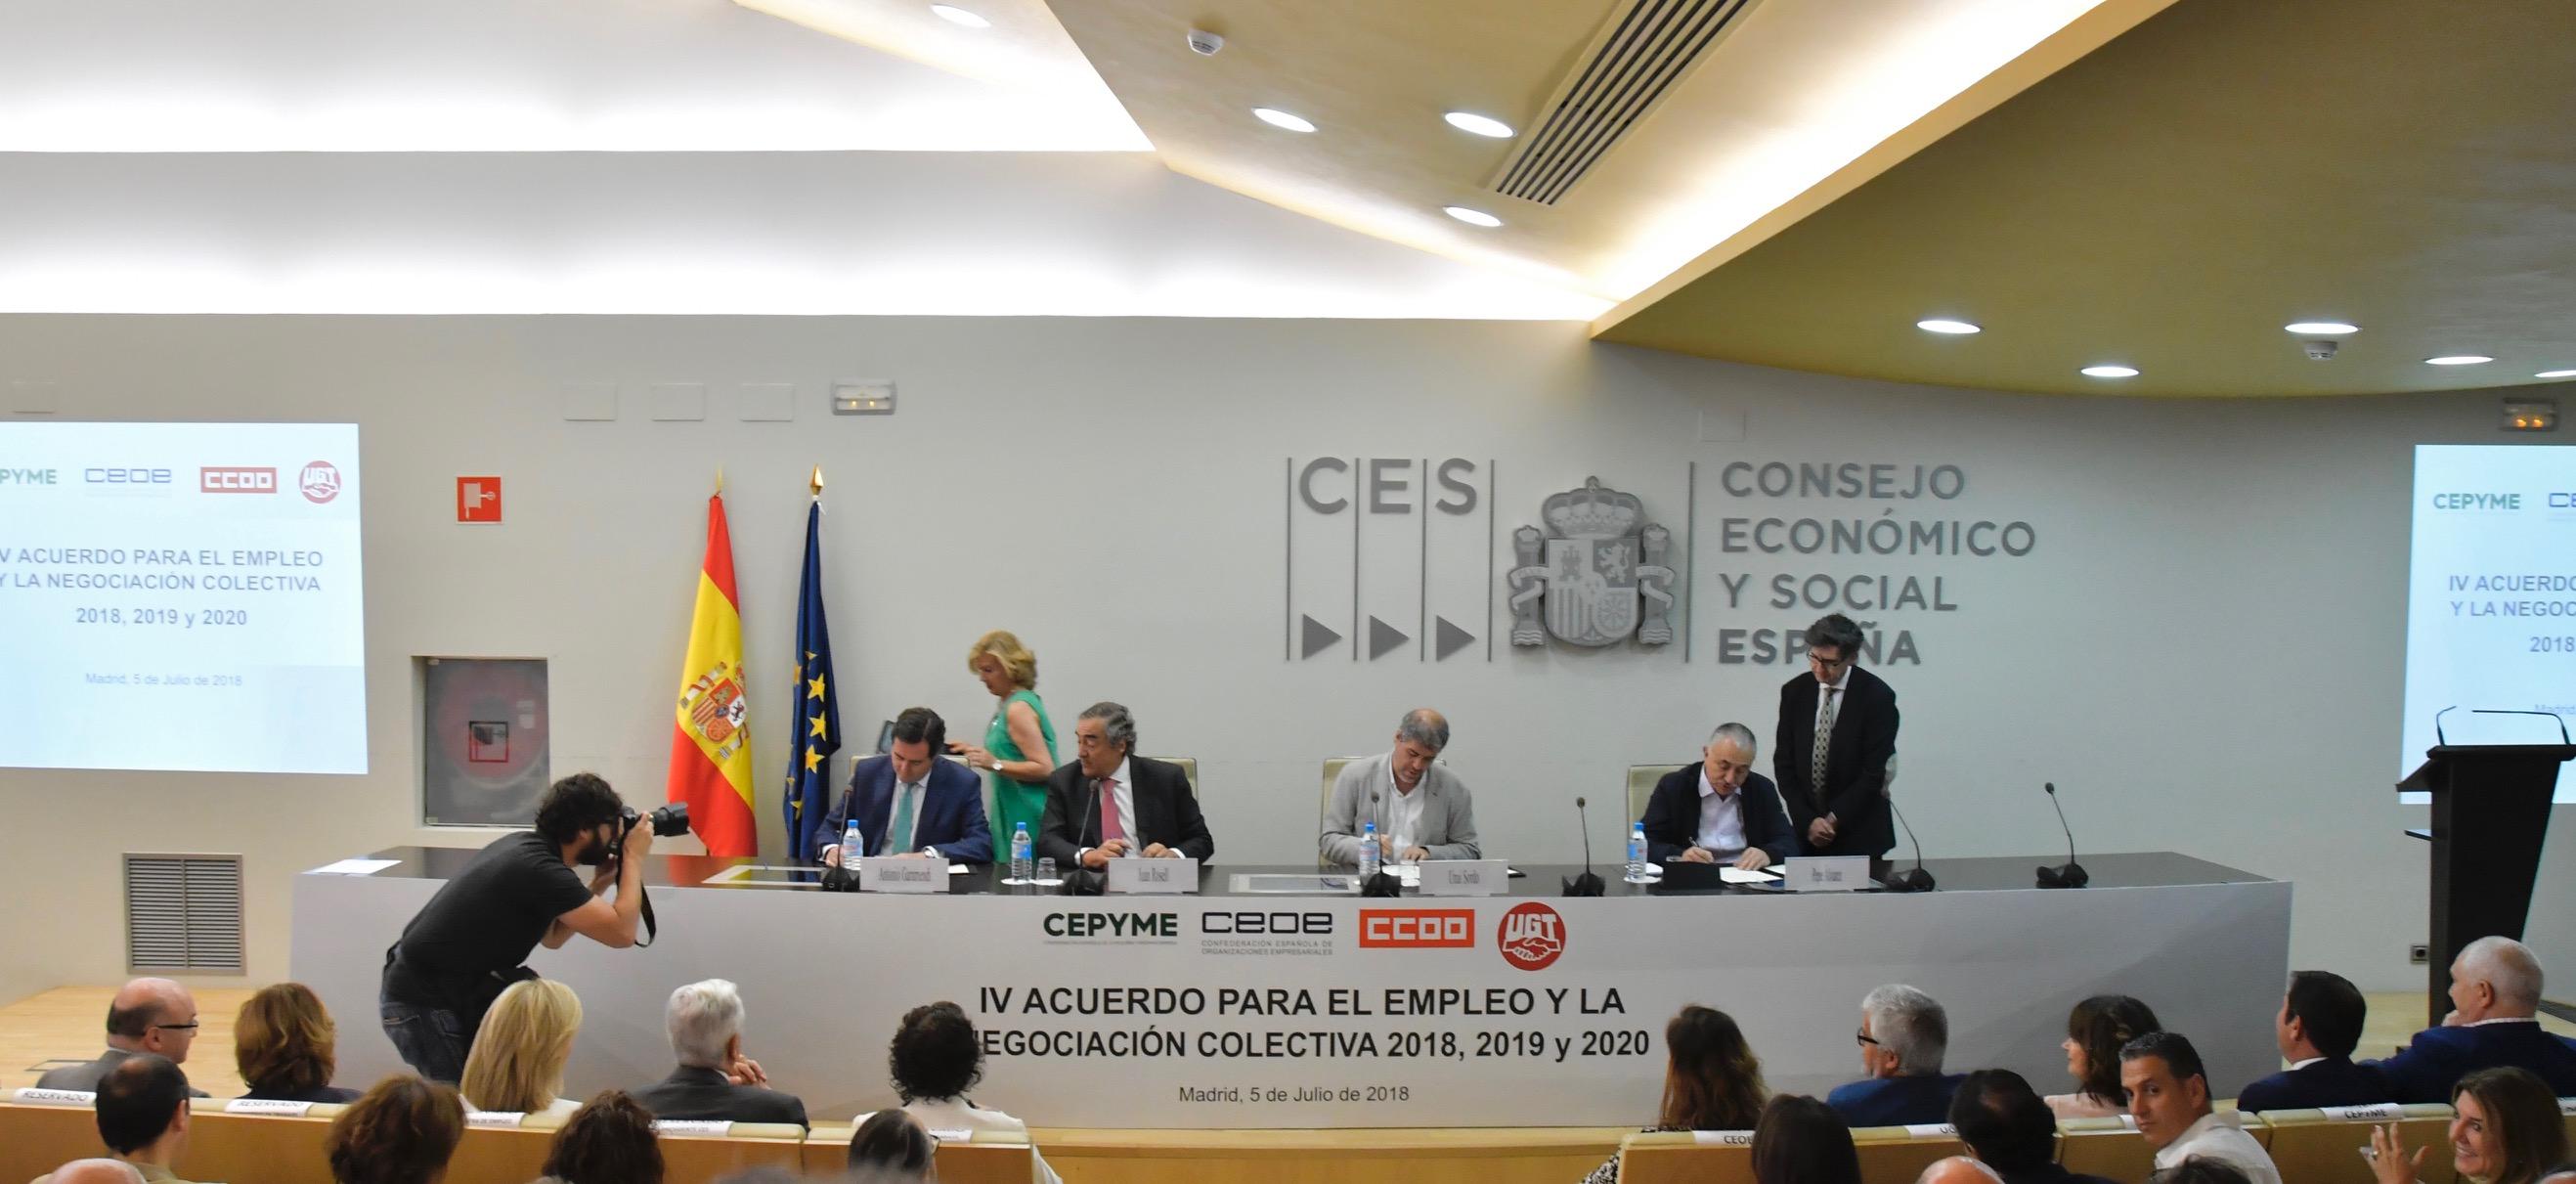 Calendario Laboral Madrid 2020 Ugt.Firmado El Iv Aenc 2018 2020 Ugt